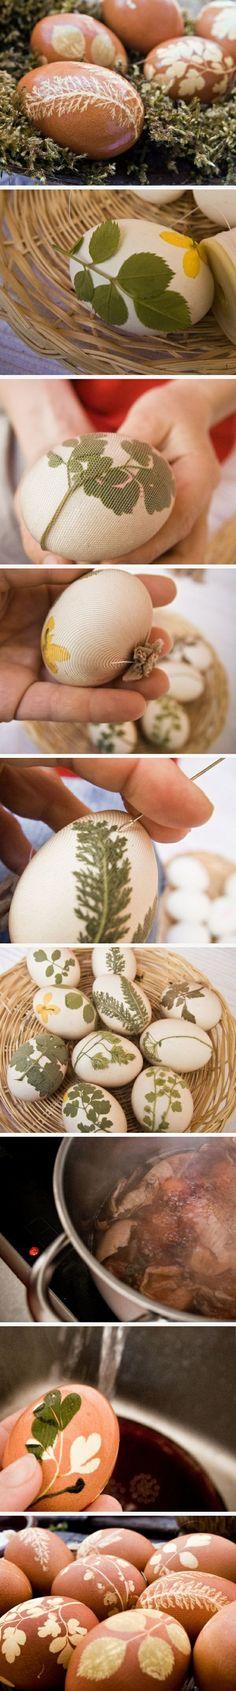 Serbian Easter | Easter eggs